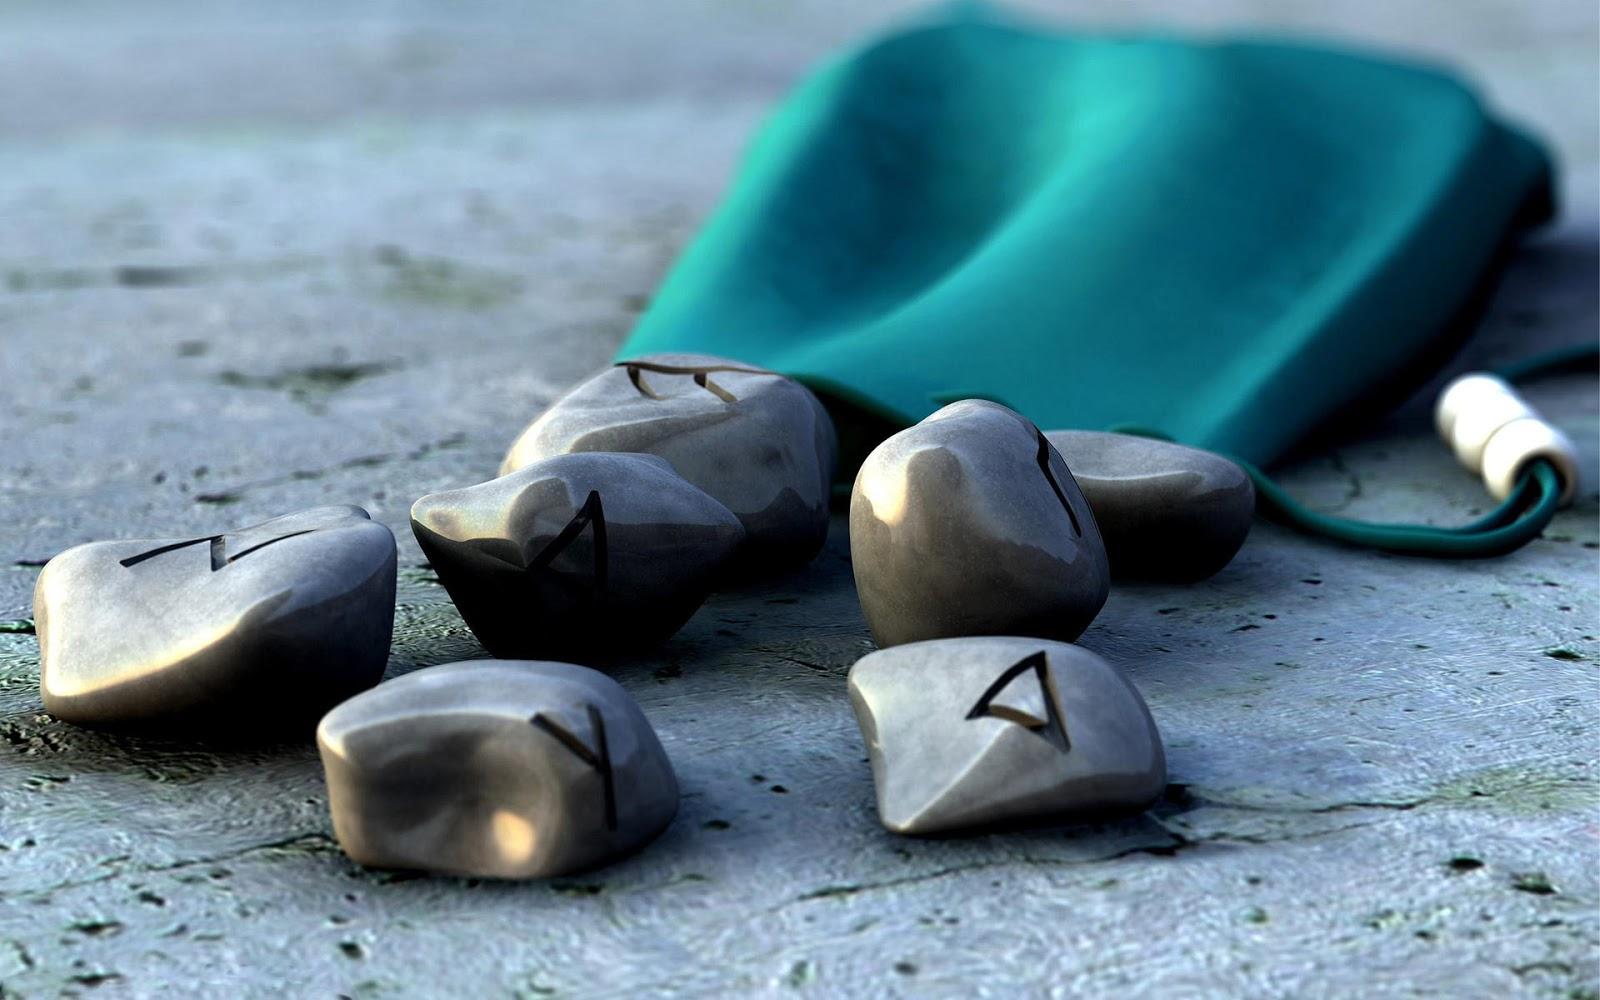 Stones with Symbols